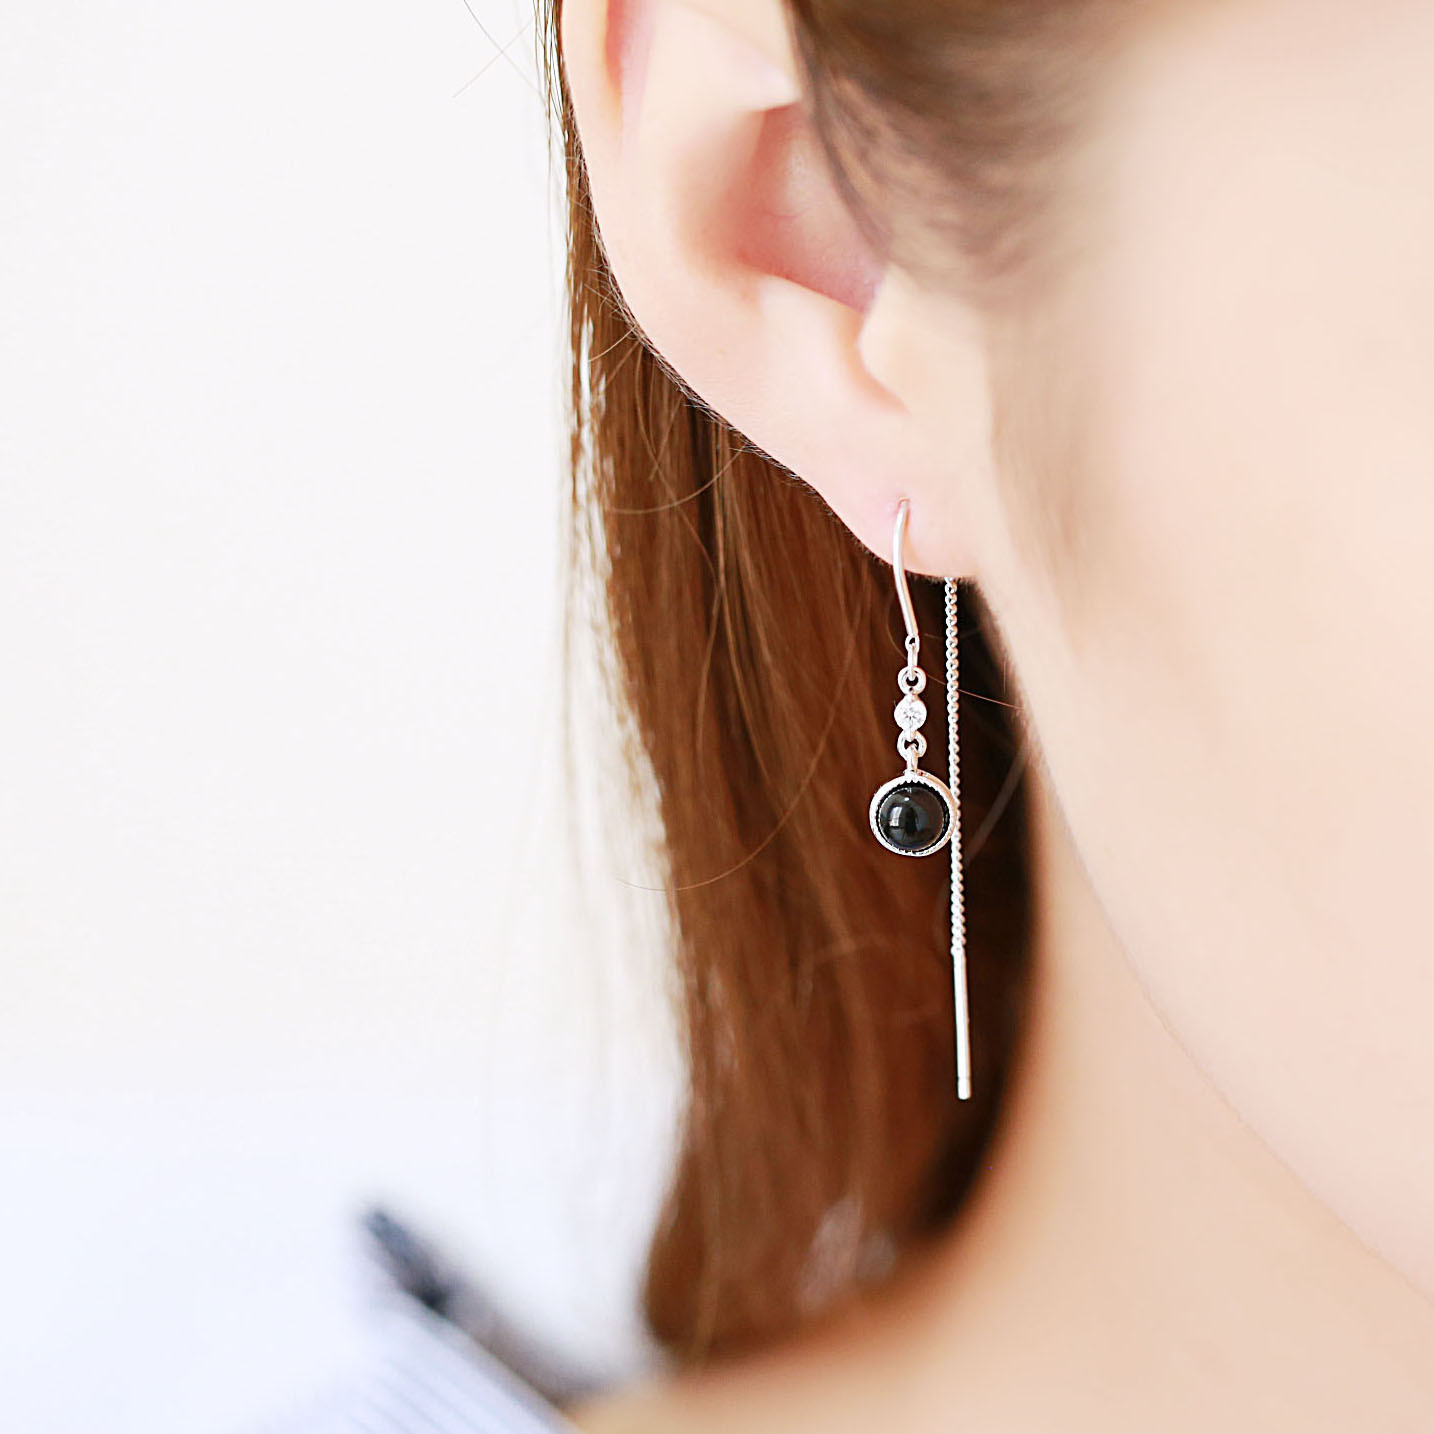 black earrings 100% 925 Sterling silver Jewelry fashion Hypoallergenic dangle earrings for women gift charms